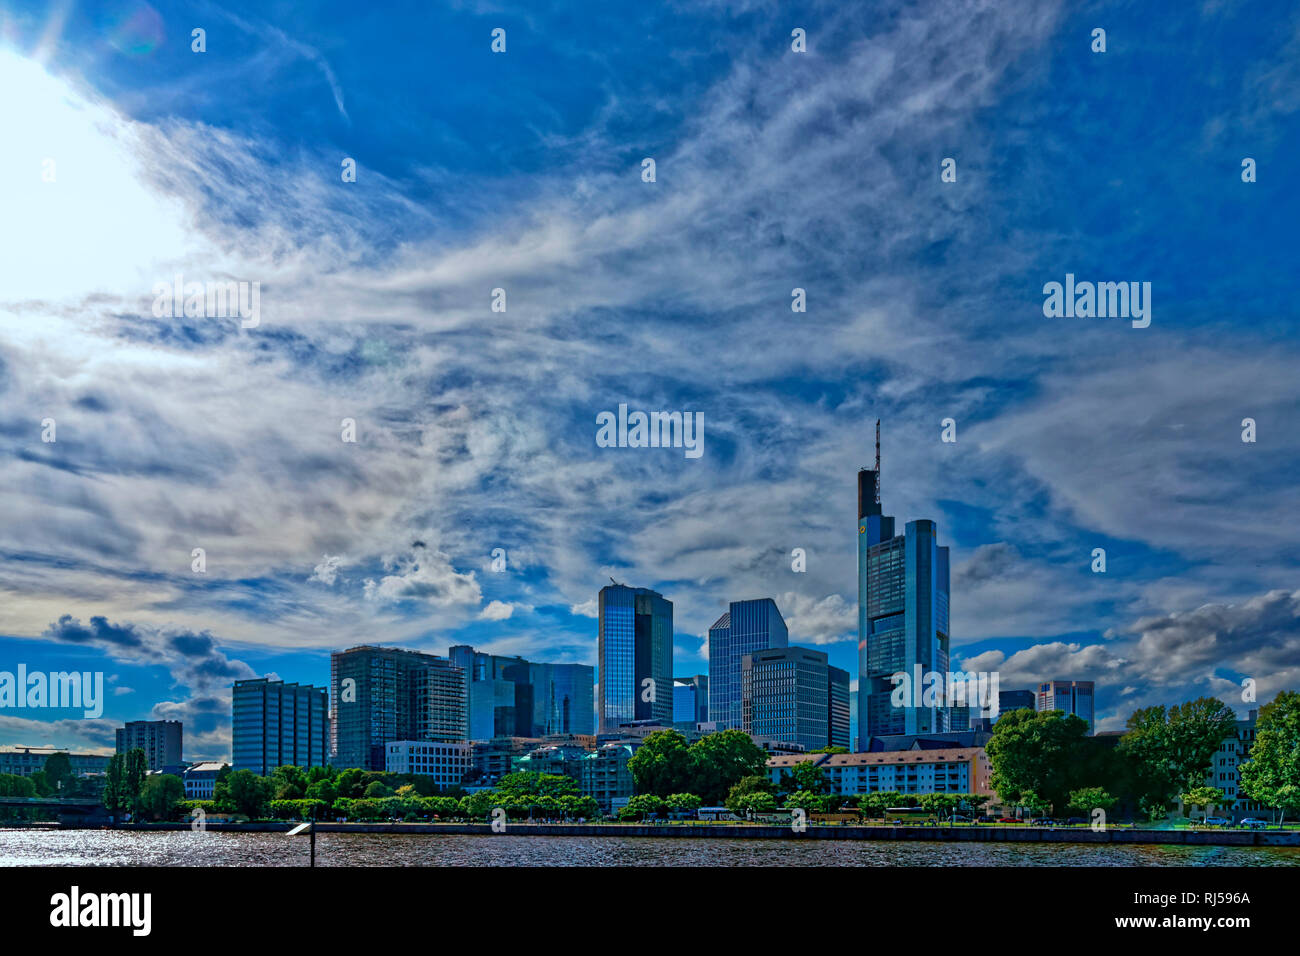 Das Bankenviertel in Frankfurt am Main, Deutschland - Stock Image